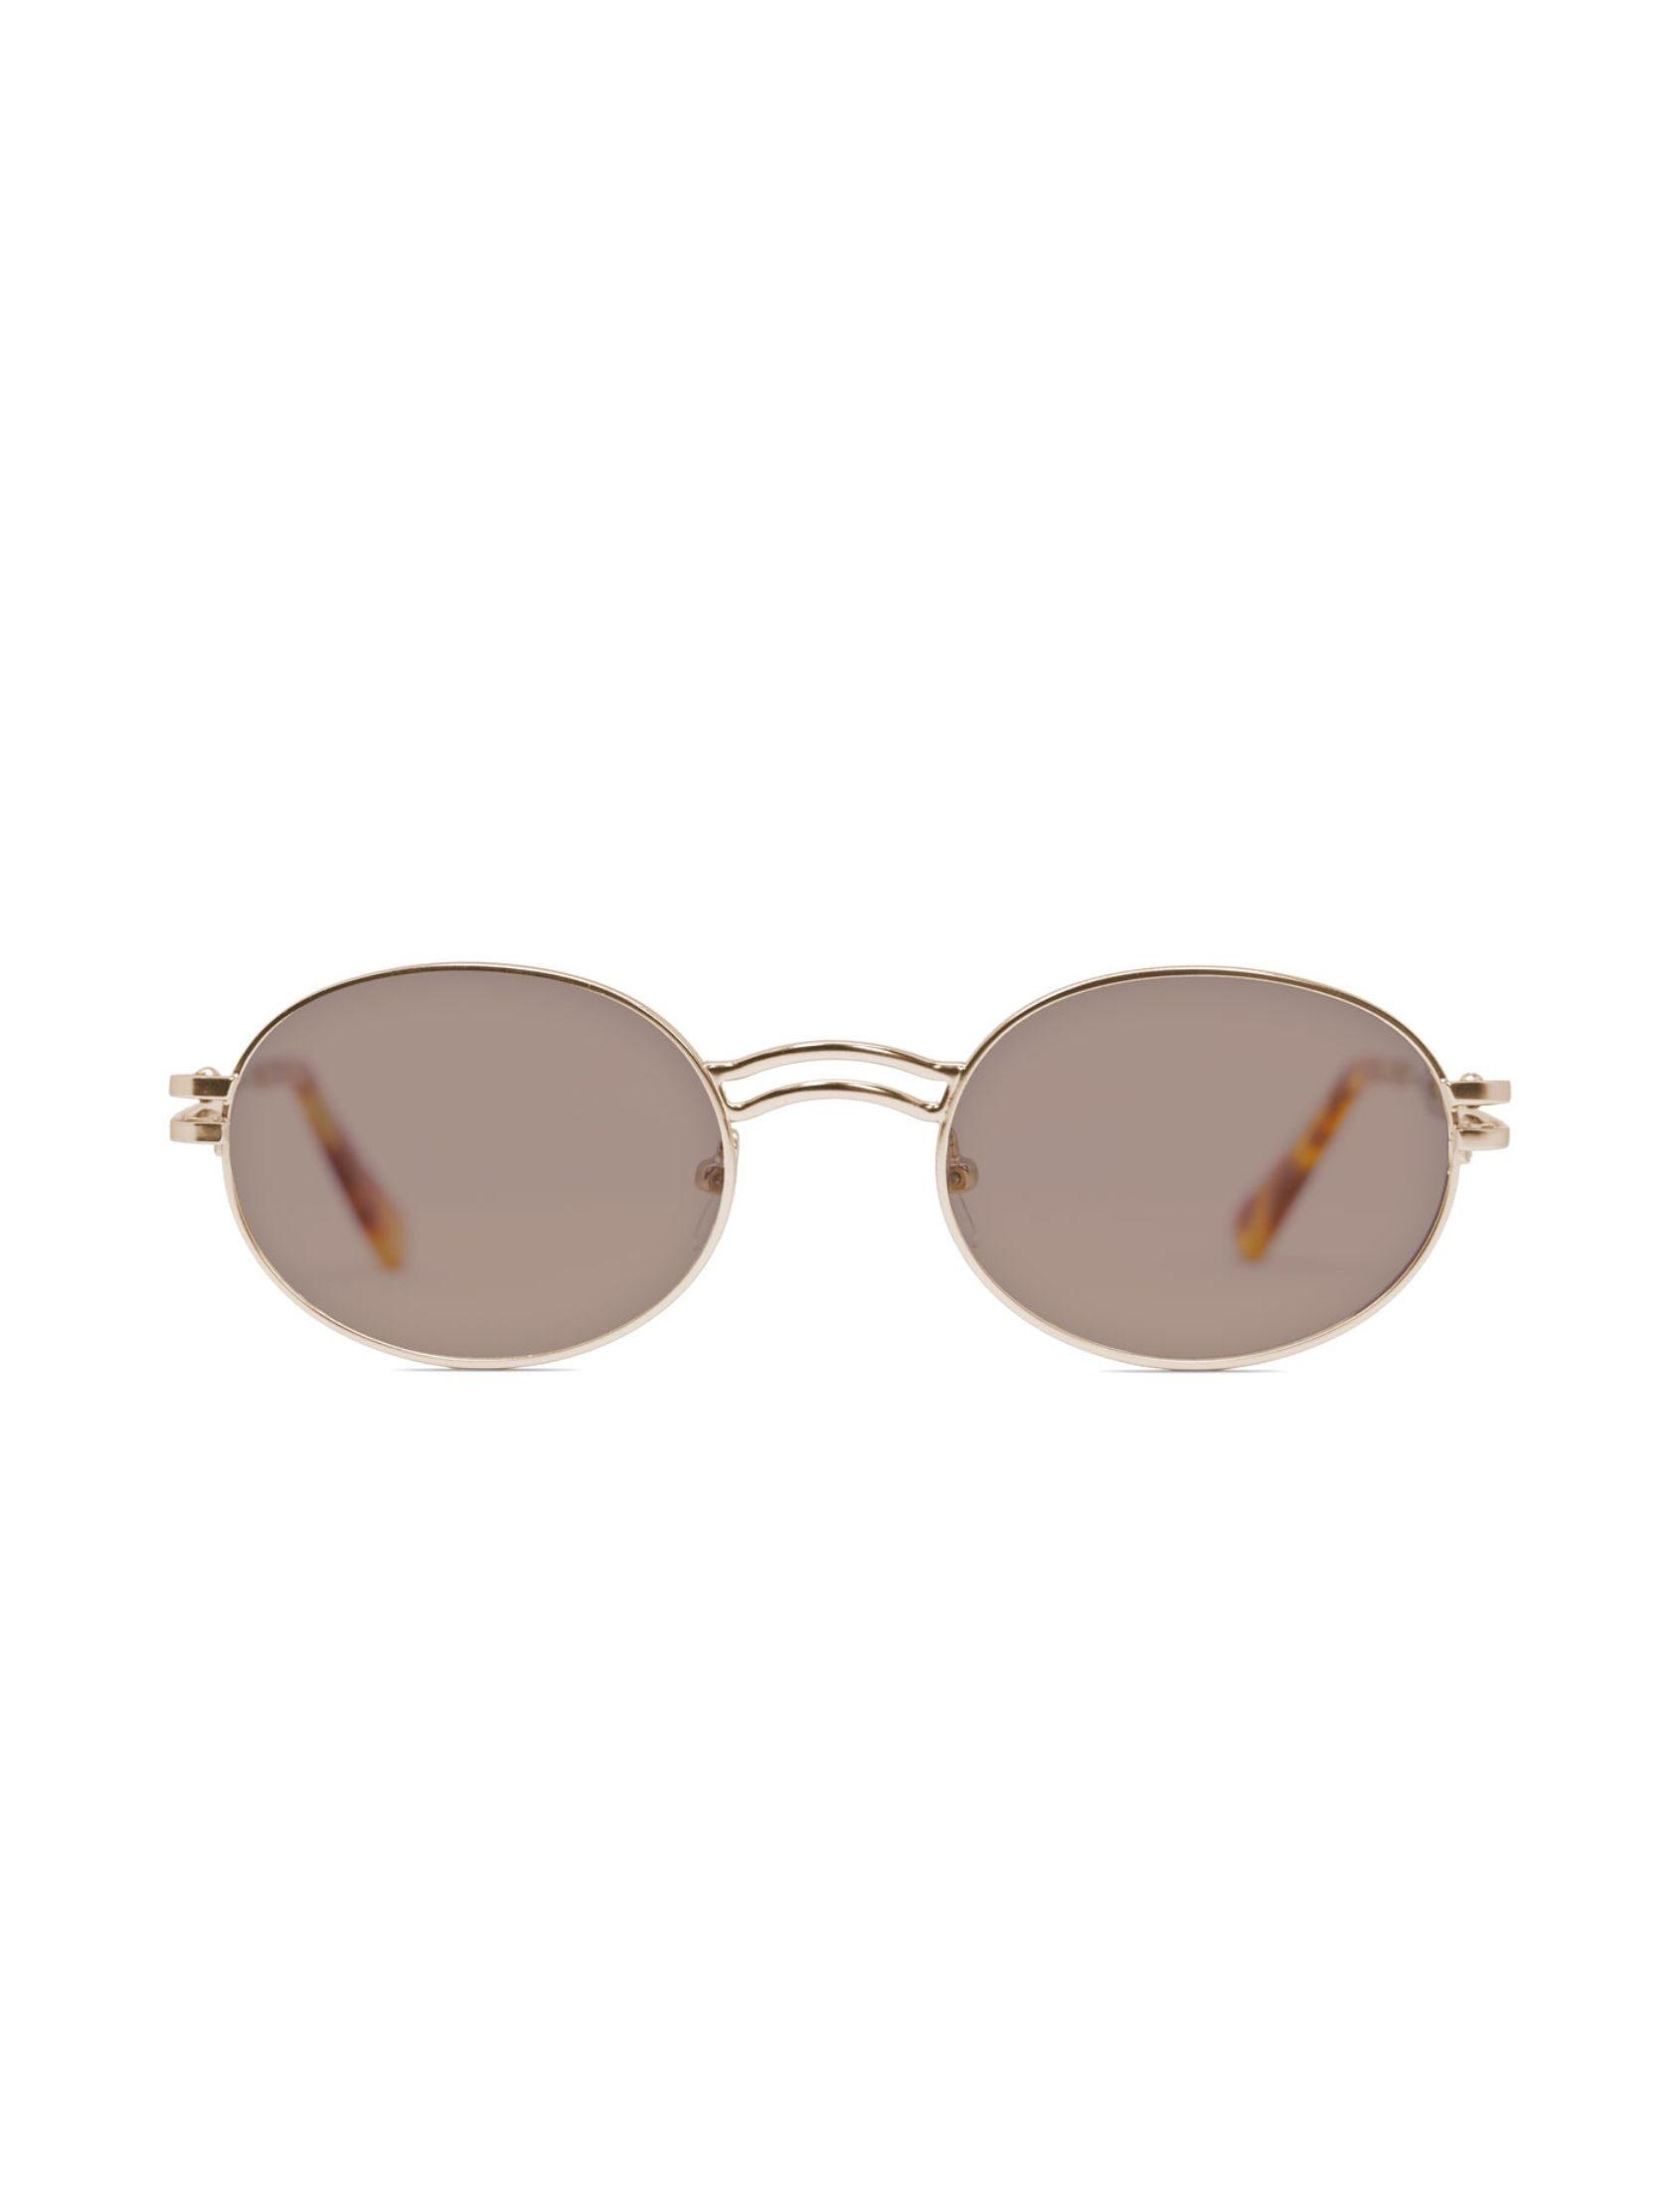 gafa de sol unisex kamy con montura dorada y lente marrón